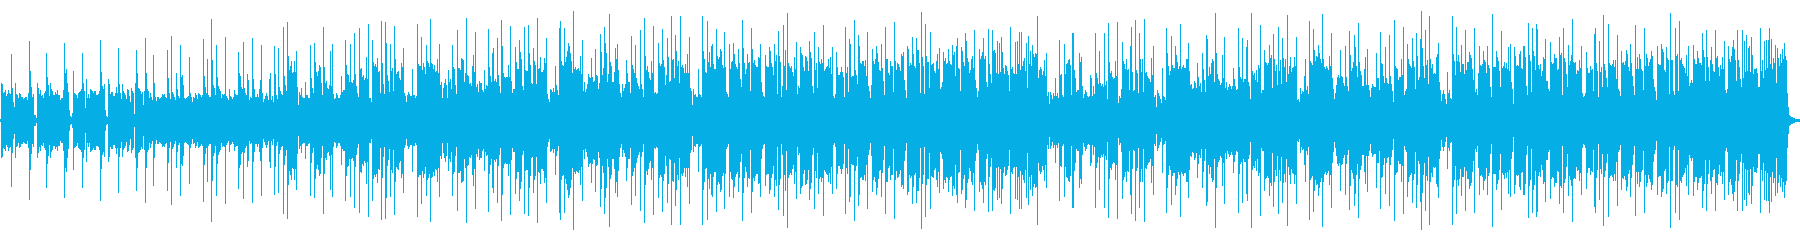 レイドバックとトランペットのレクイエム調の再生済みの波形